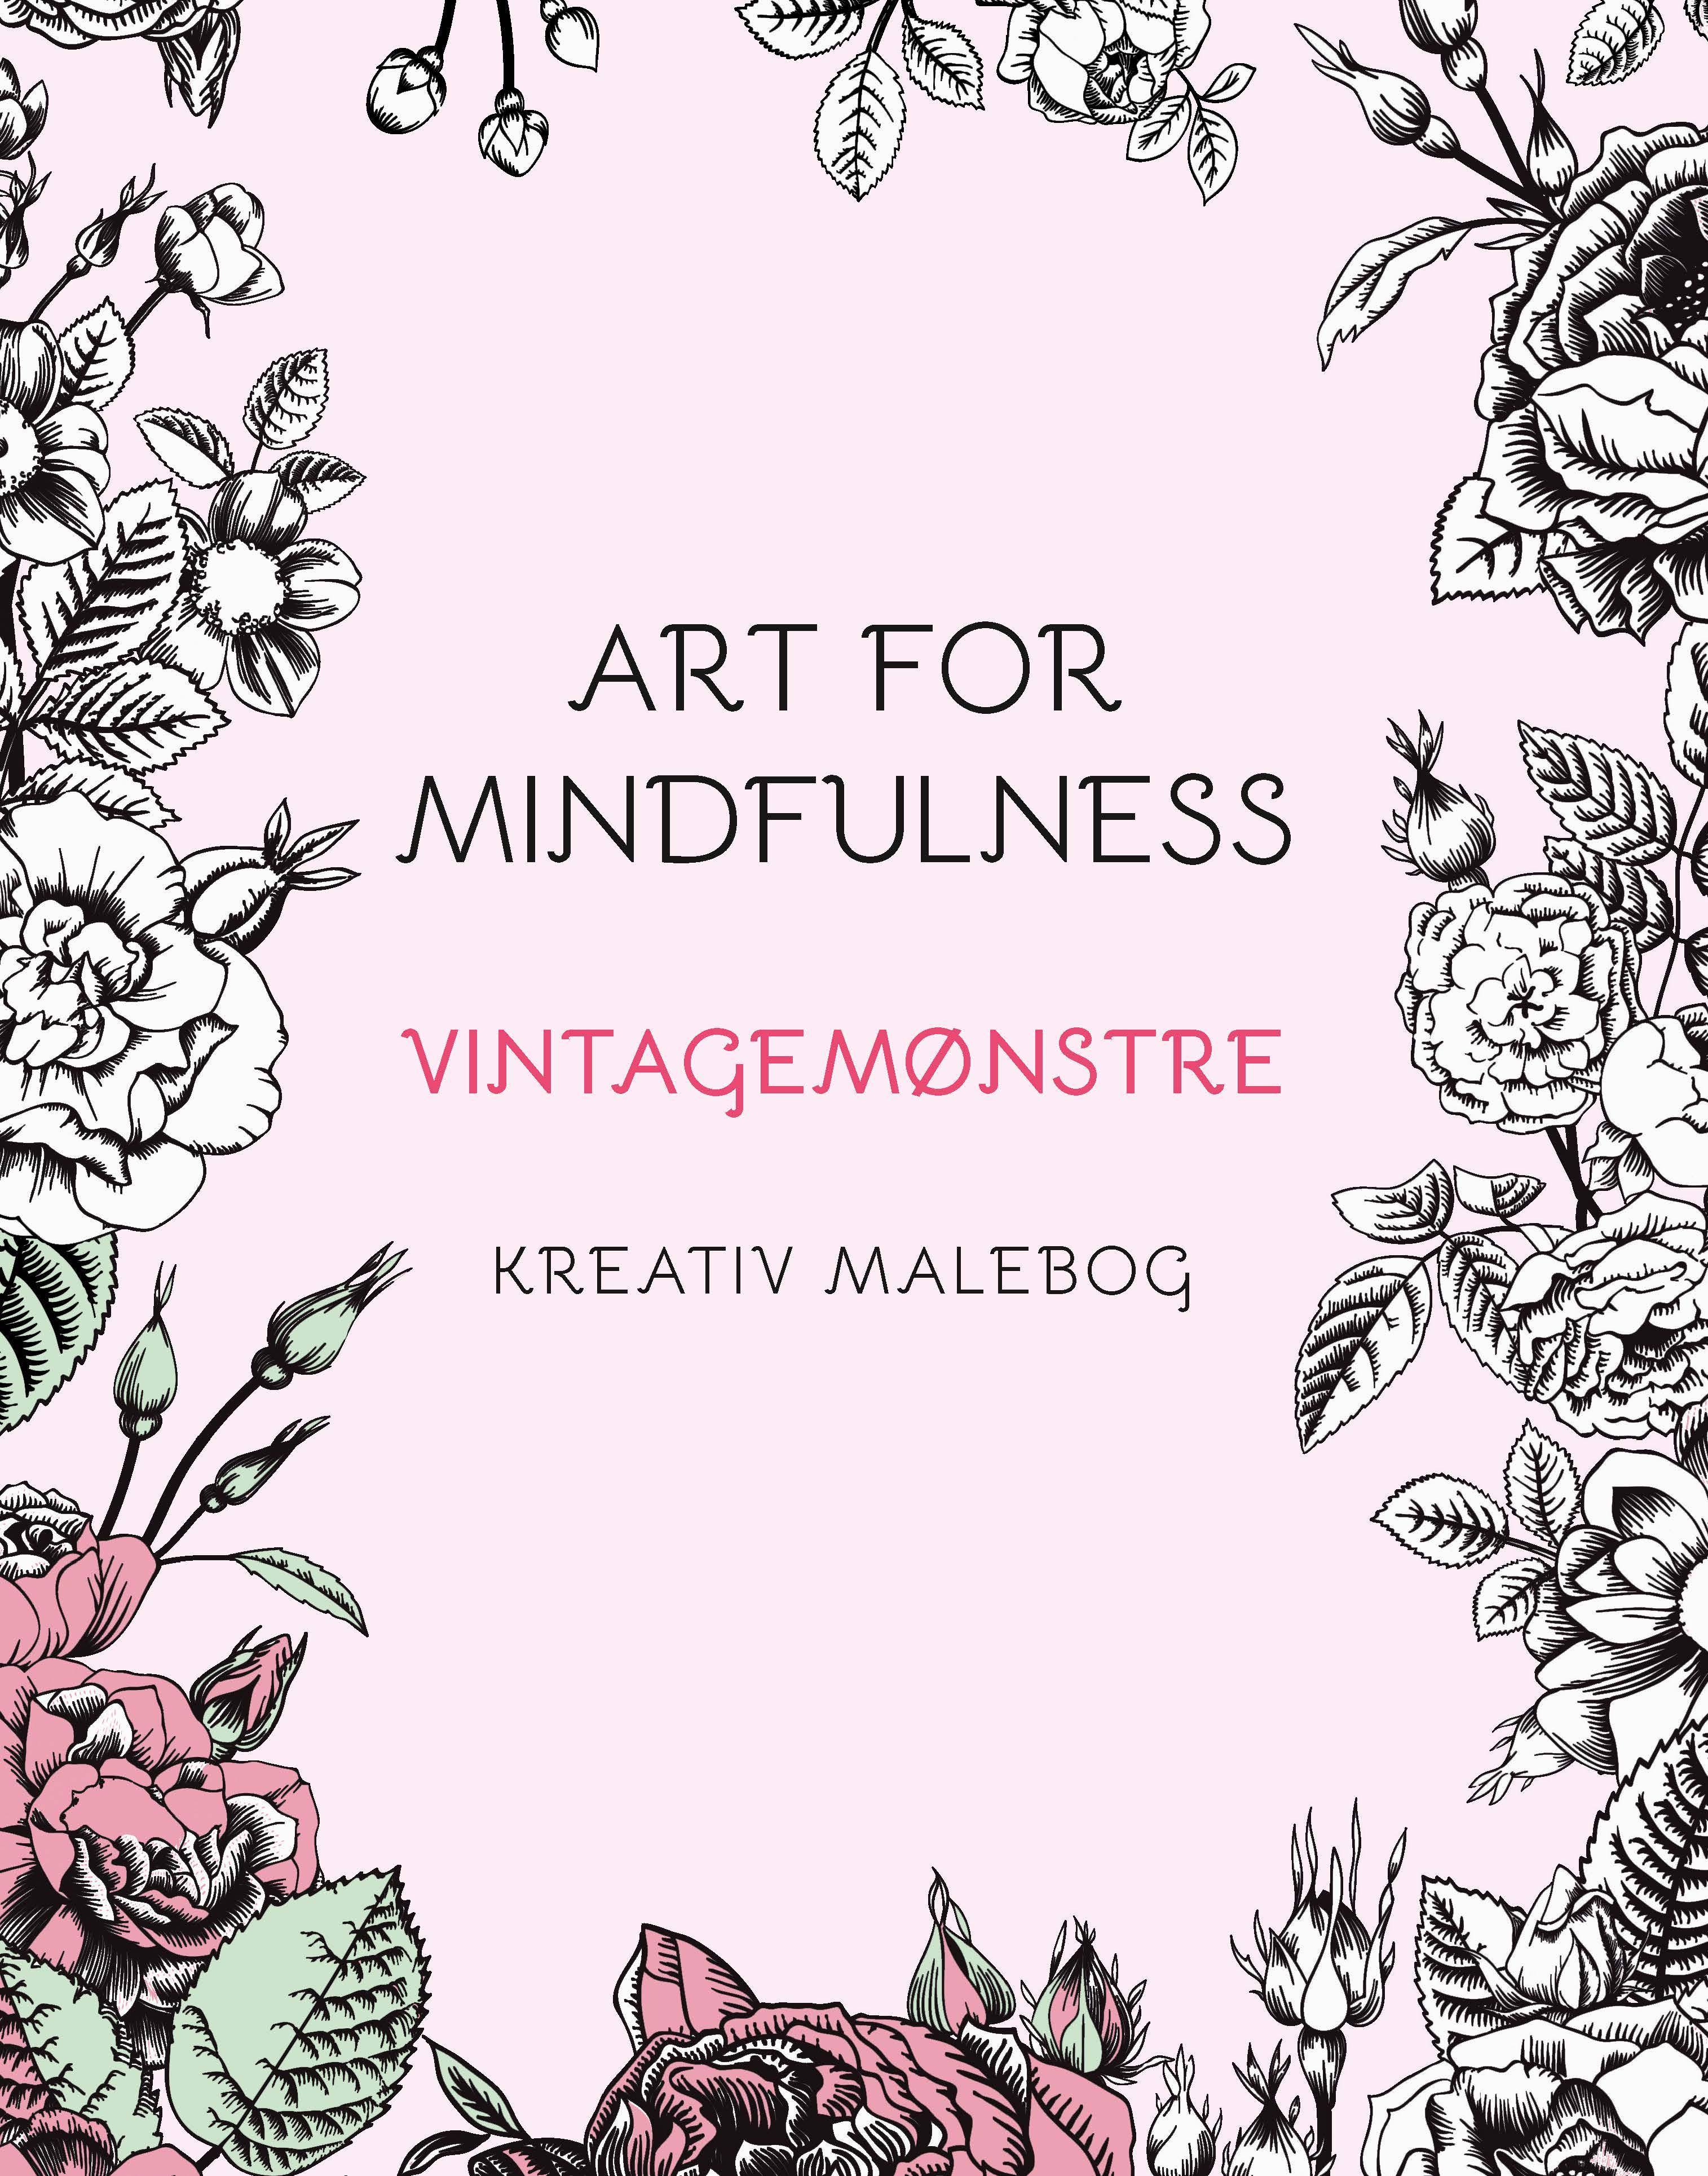 Art for Mindfulness Vintagemønstre